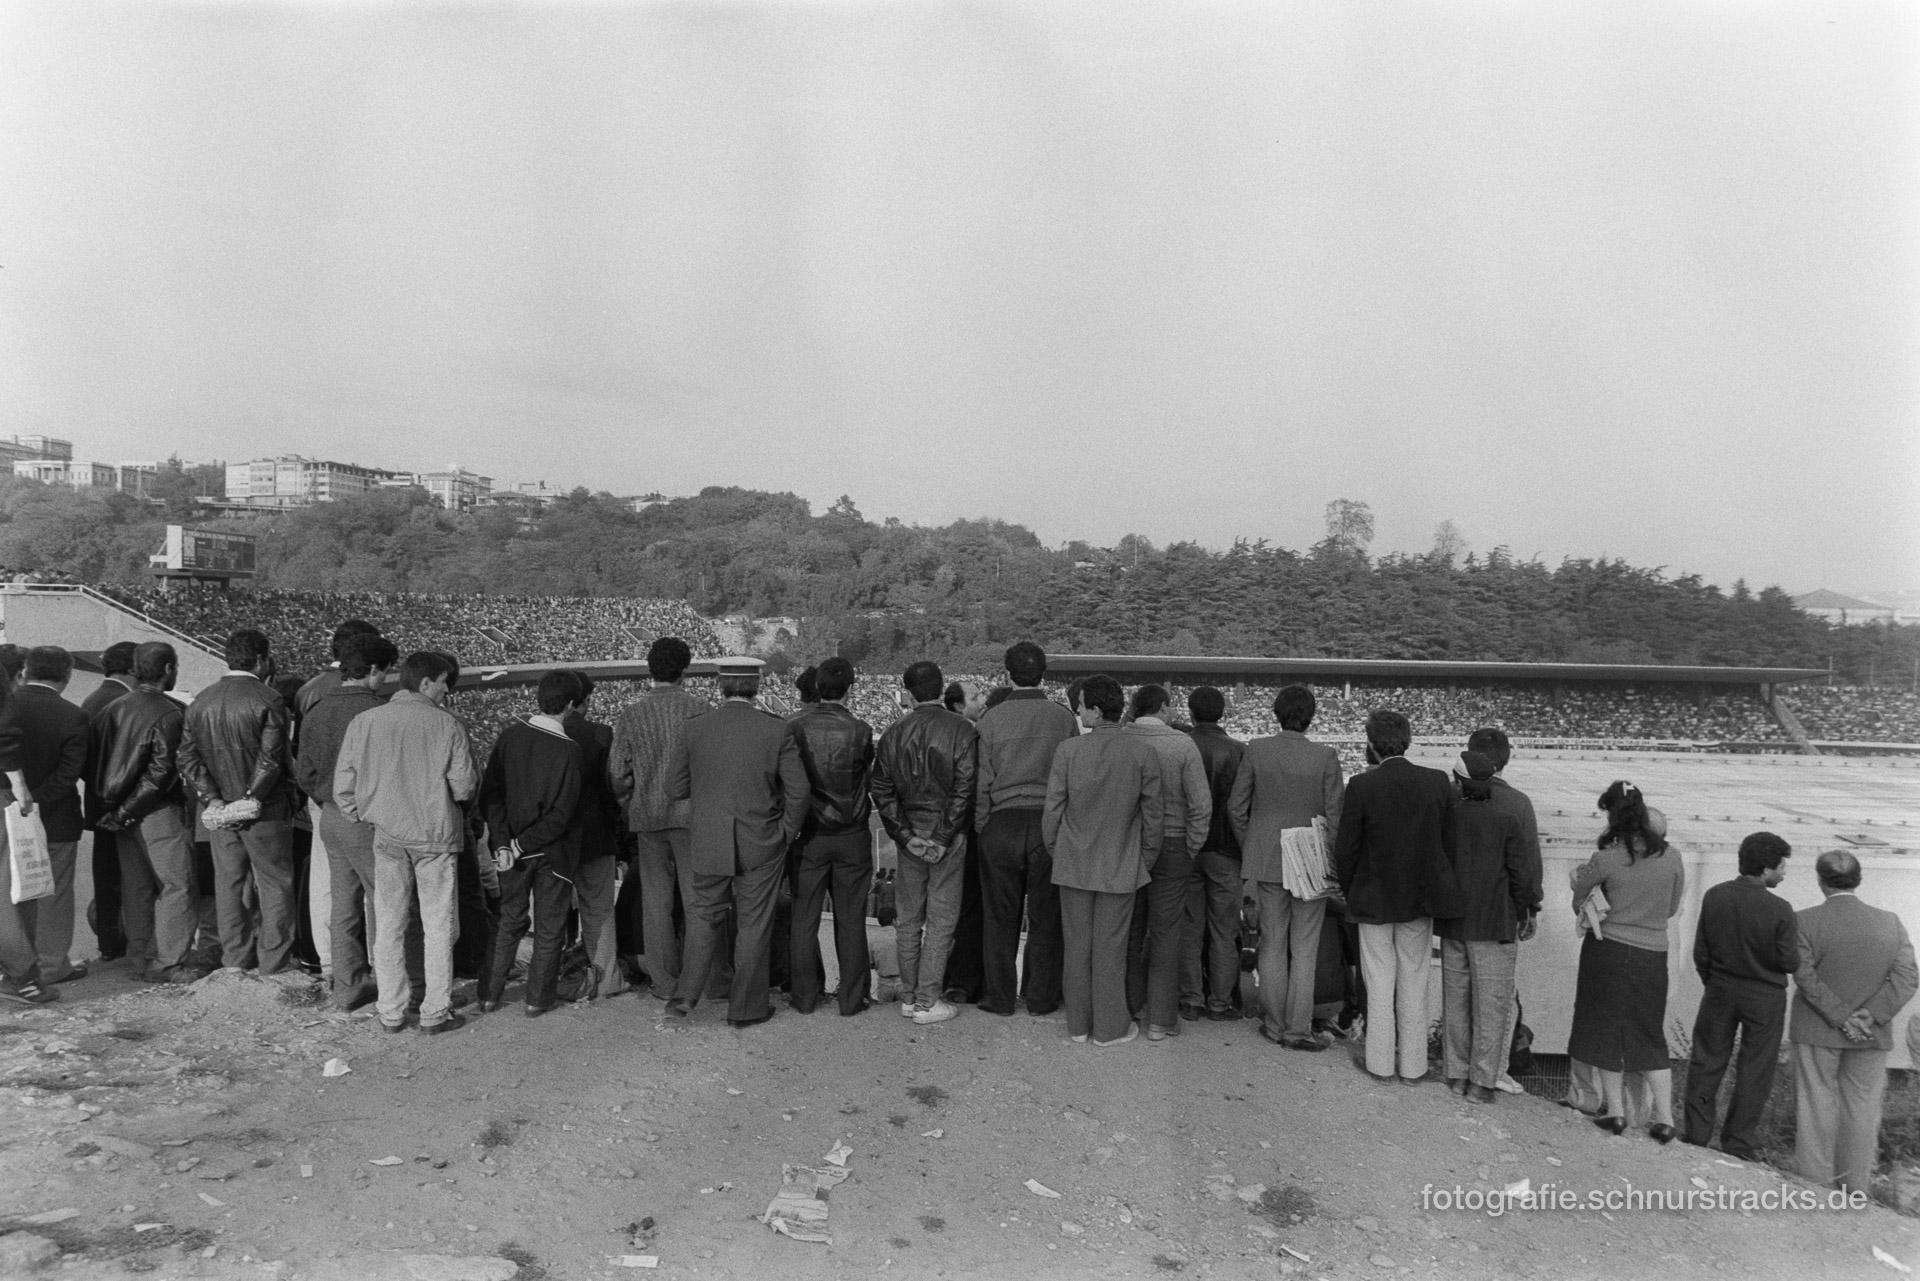 Fußballfans – Istanbul 1987